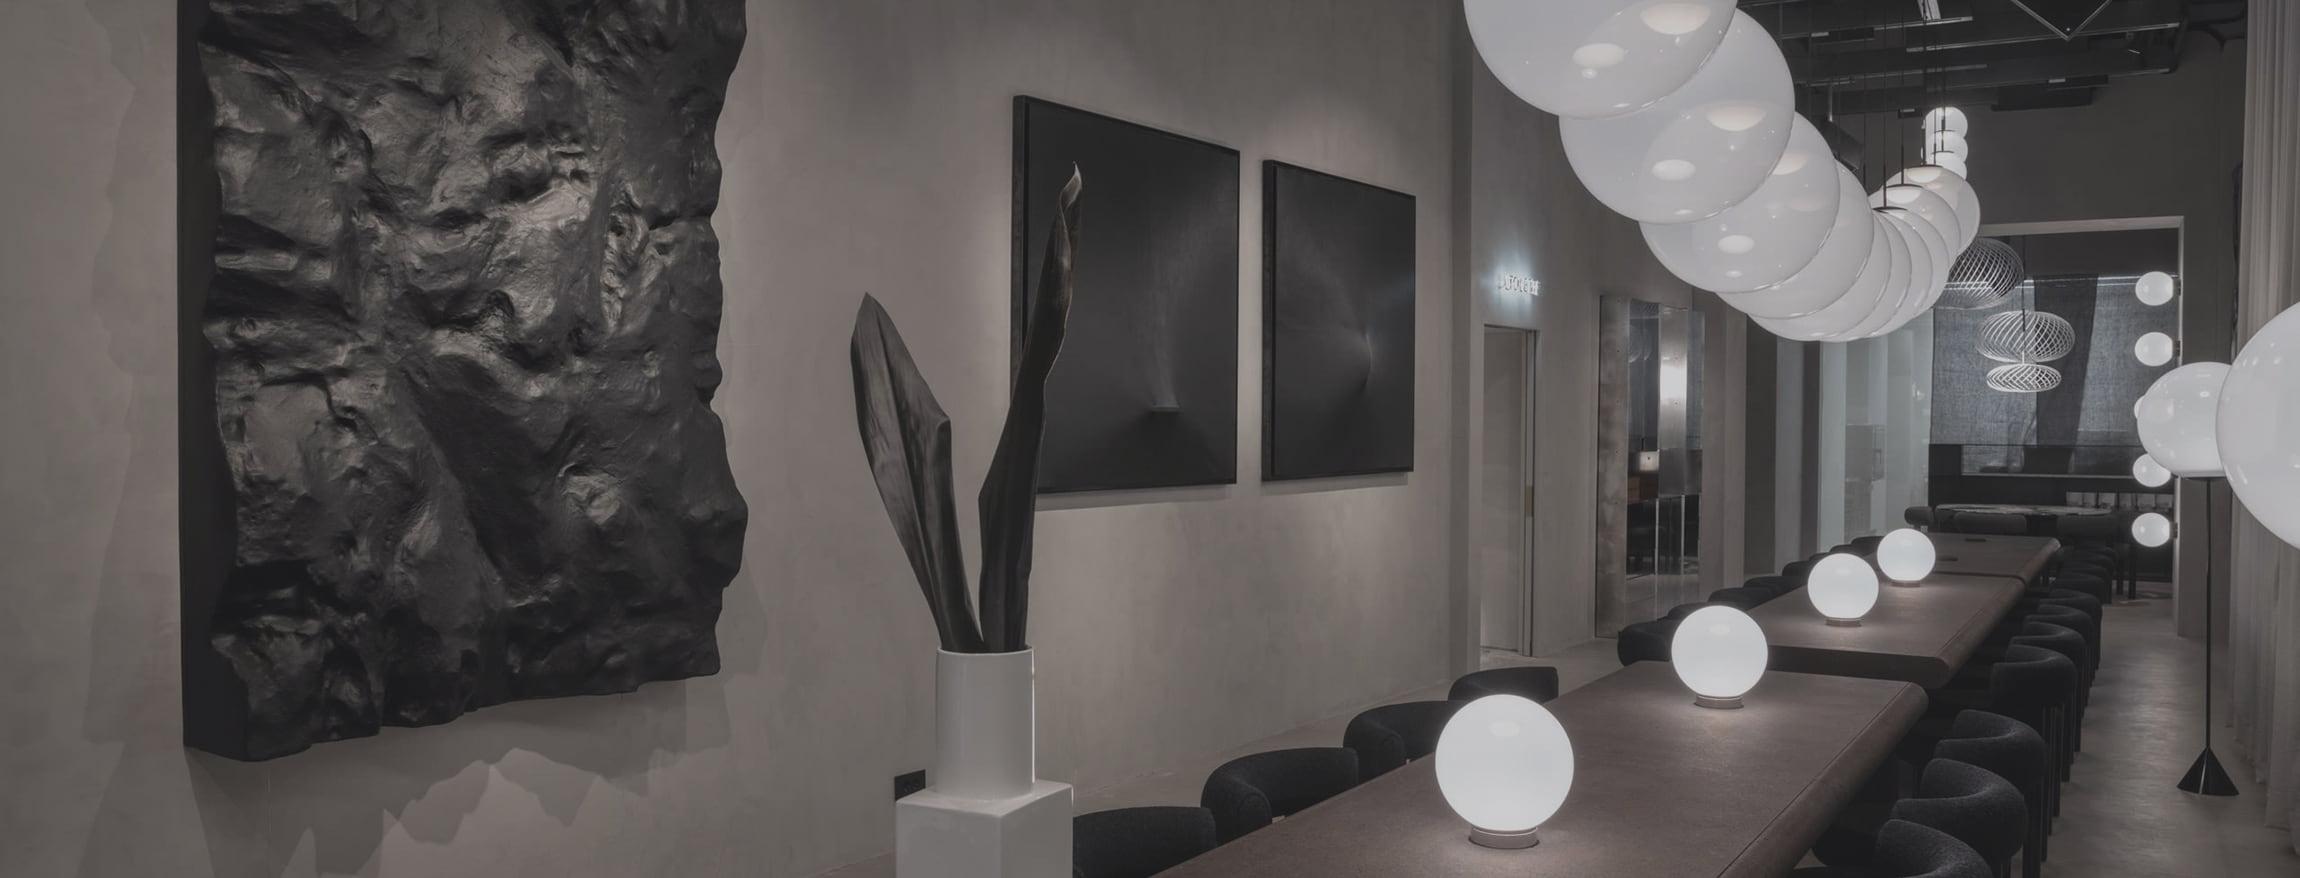 la dining room di Tom Dixon Milano, TRJ è agente esclusivista